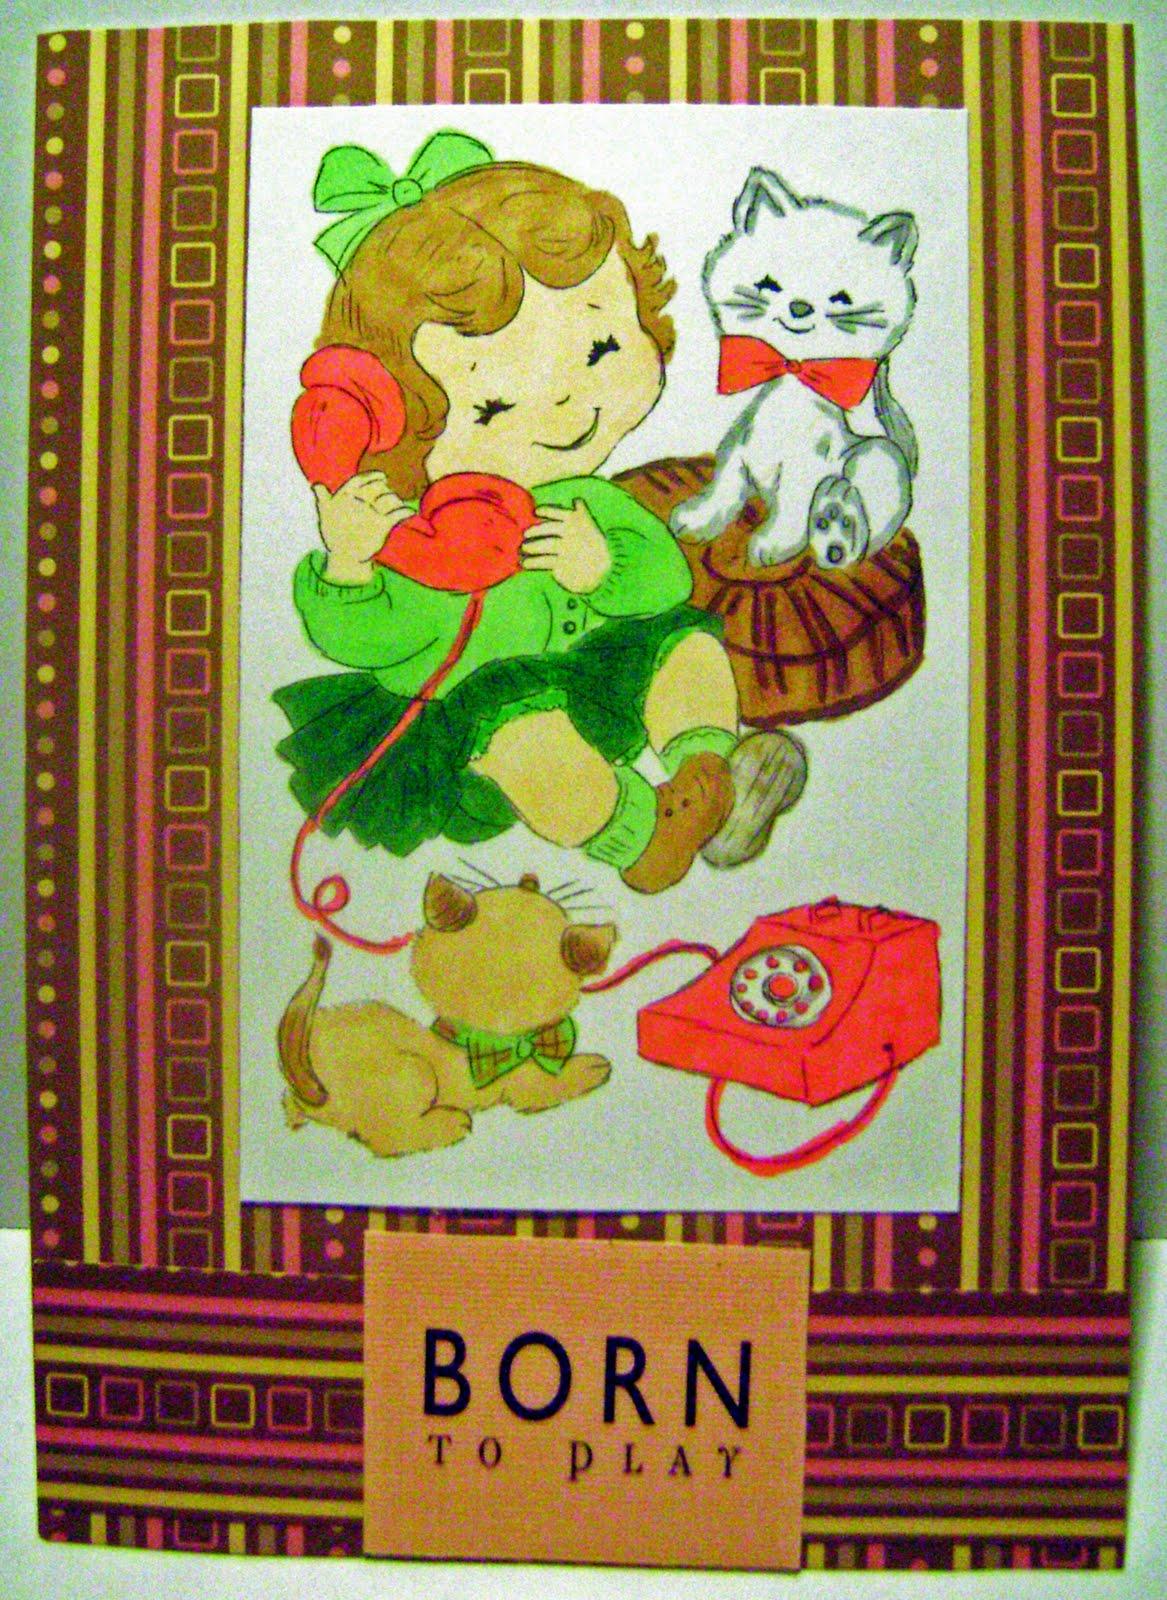 http://2.bp.blogspot.com/_bcUZa-OVzkM/TCVrK4LHFQI/AAAAAAAAA0w/14FKXV3qPcc/s1600/Born+to+Play.jpg